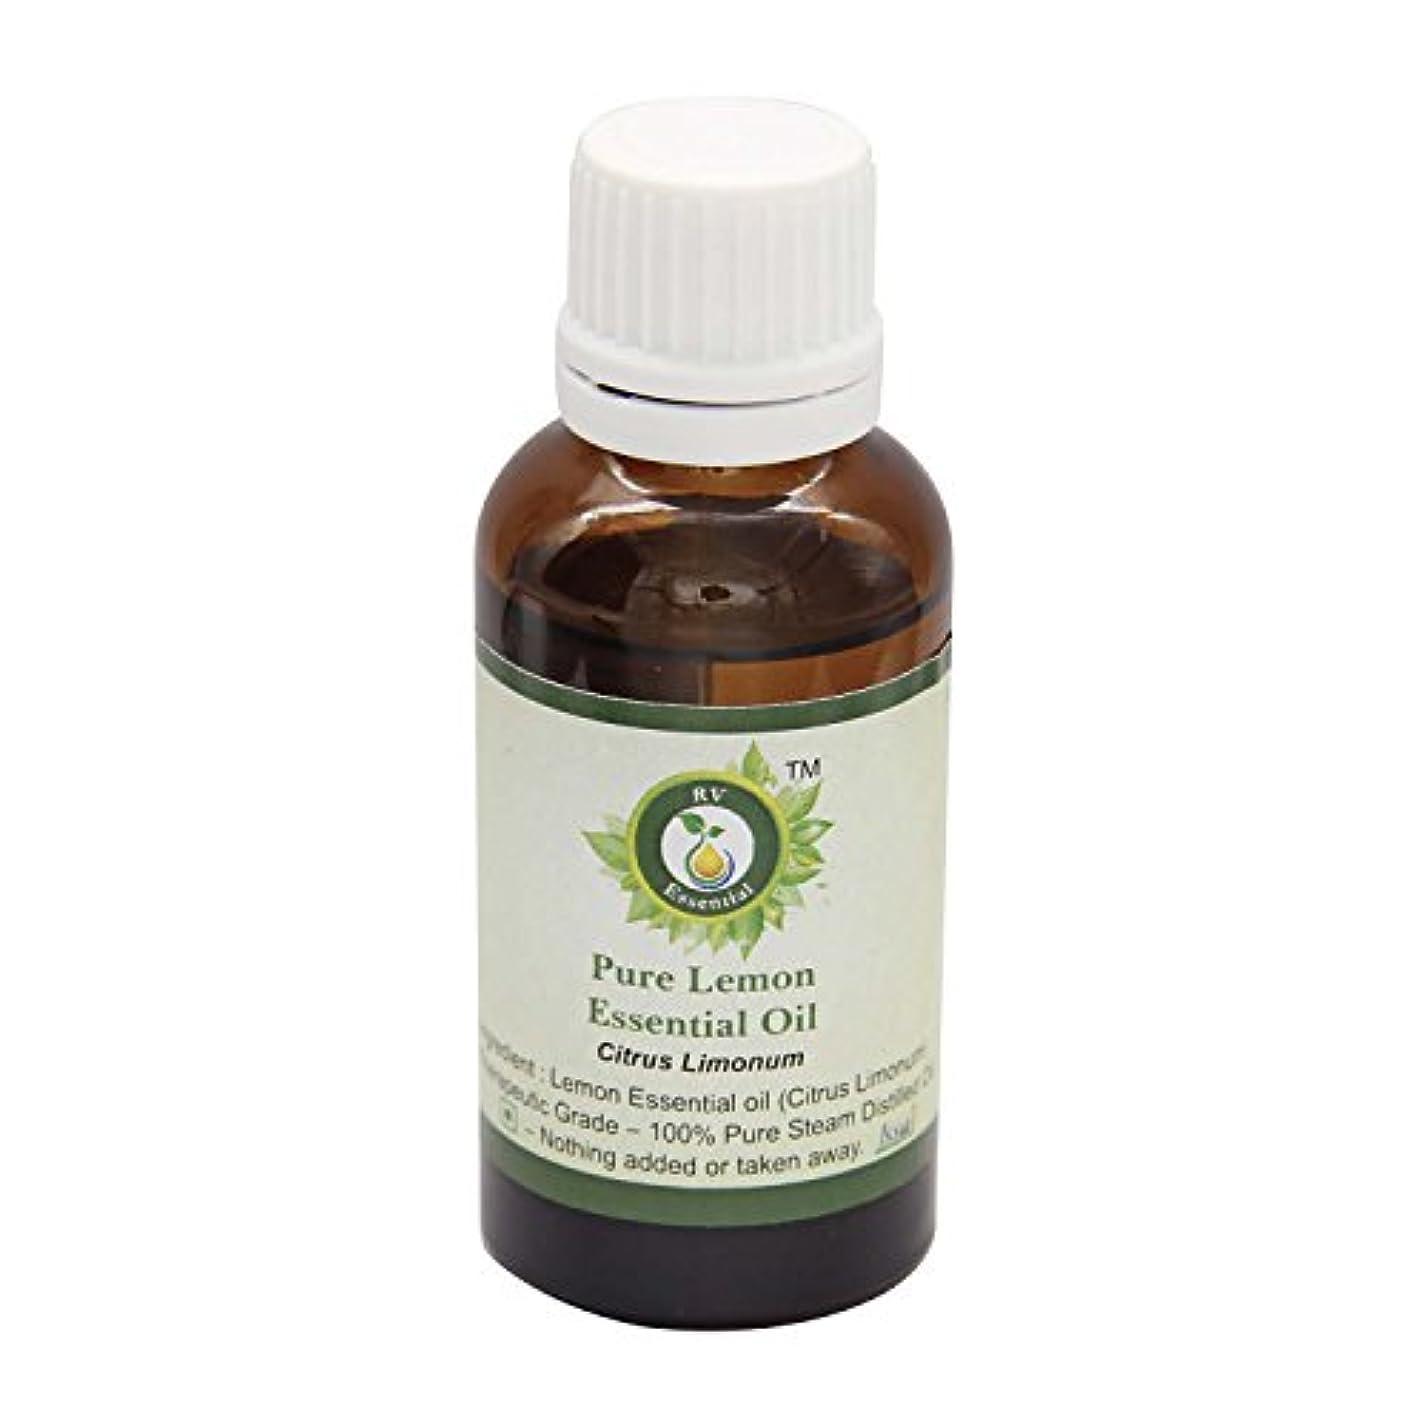 高齢者影響力のある死の顎R V Essential ピュアレモンエッセンシャルオイル100ml (3.38oz)- Citrus Limonum (100%純粋&天然スチームDistilled) Pure Lemon Essential Oil